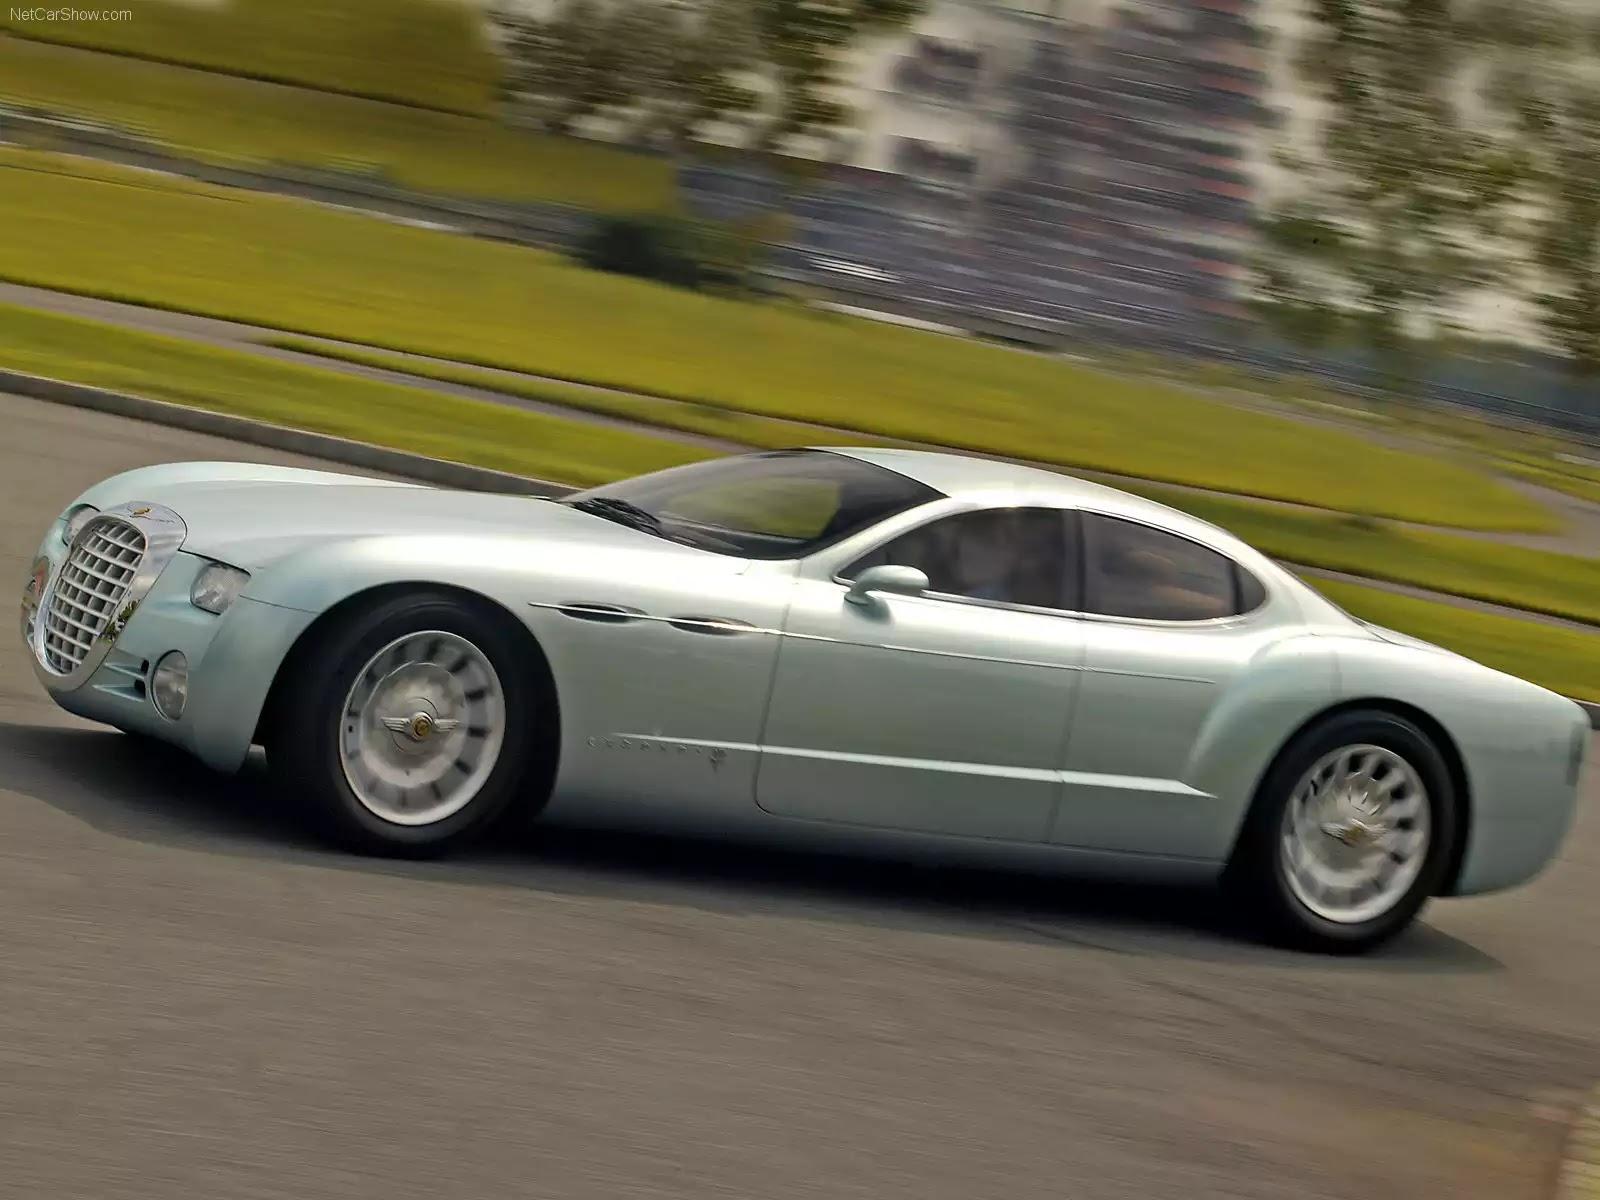 Hình ảnh xe ô tô Chrysler Chronos Concept 2000 & nội ngoại thất